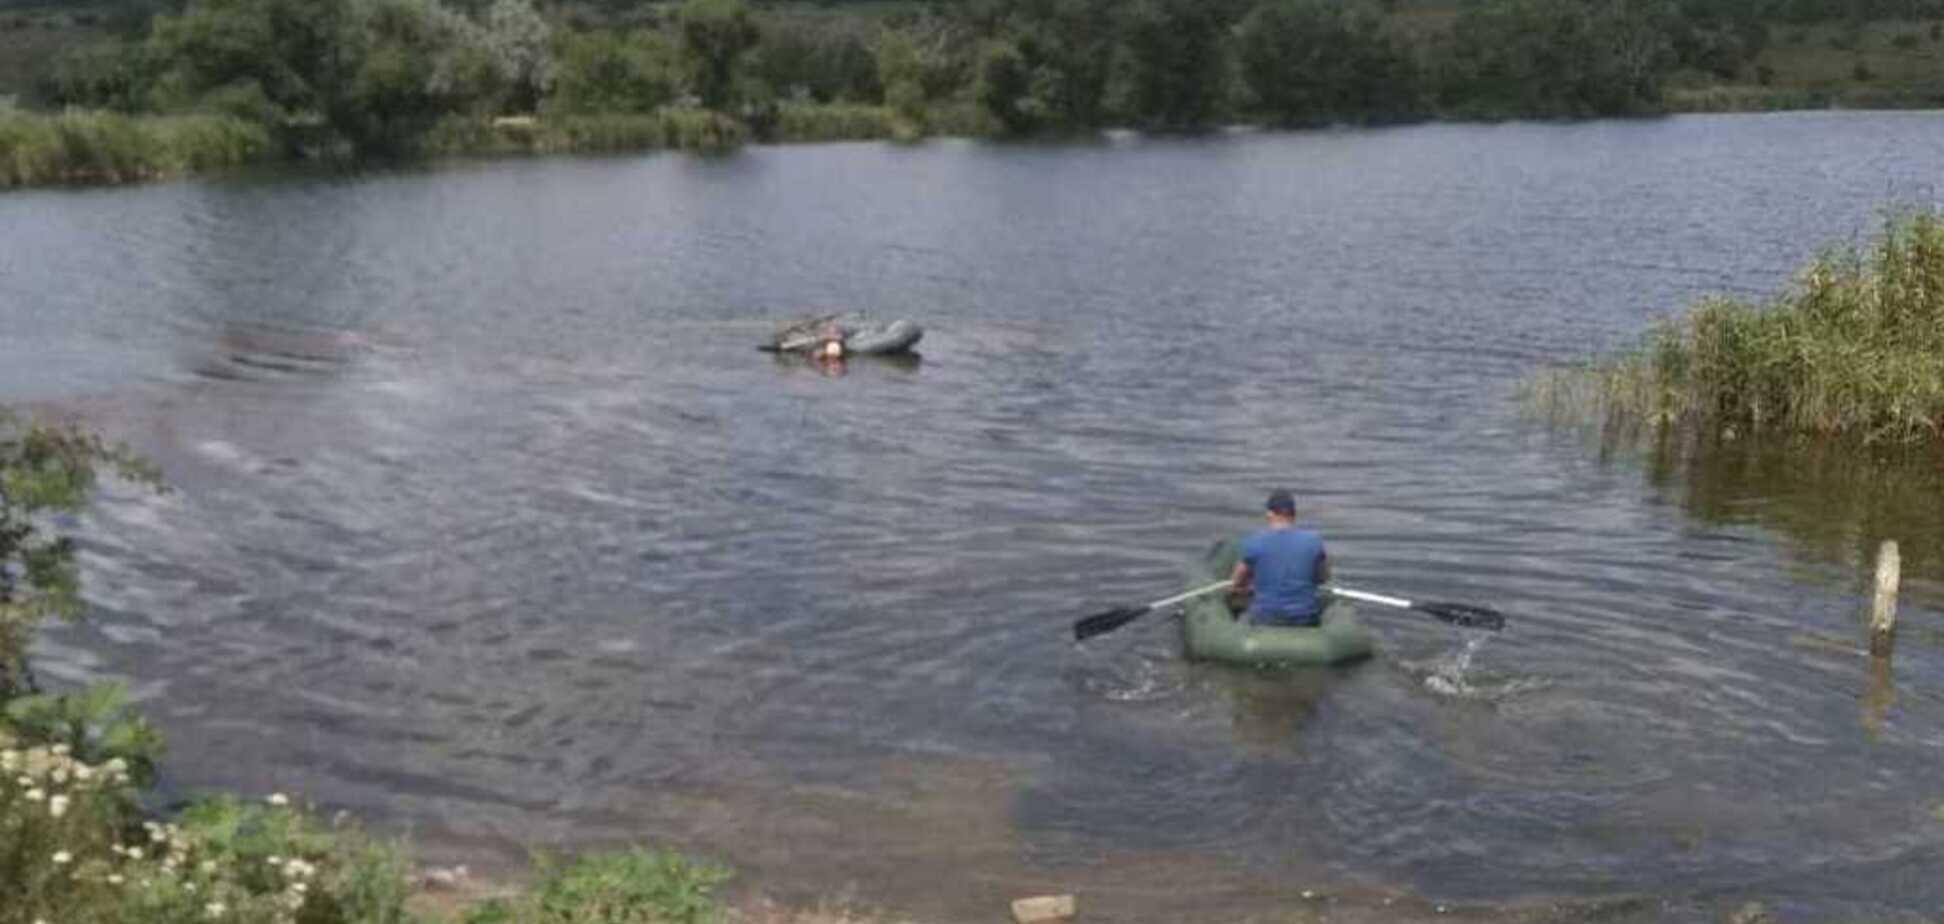 Під Кривим Рогом рятувальники виловили човен з трупом чоловіка всередині